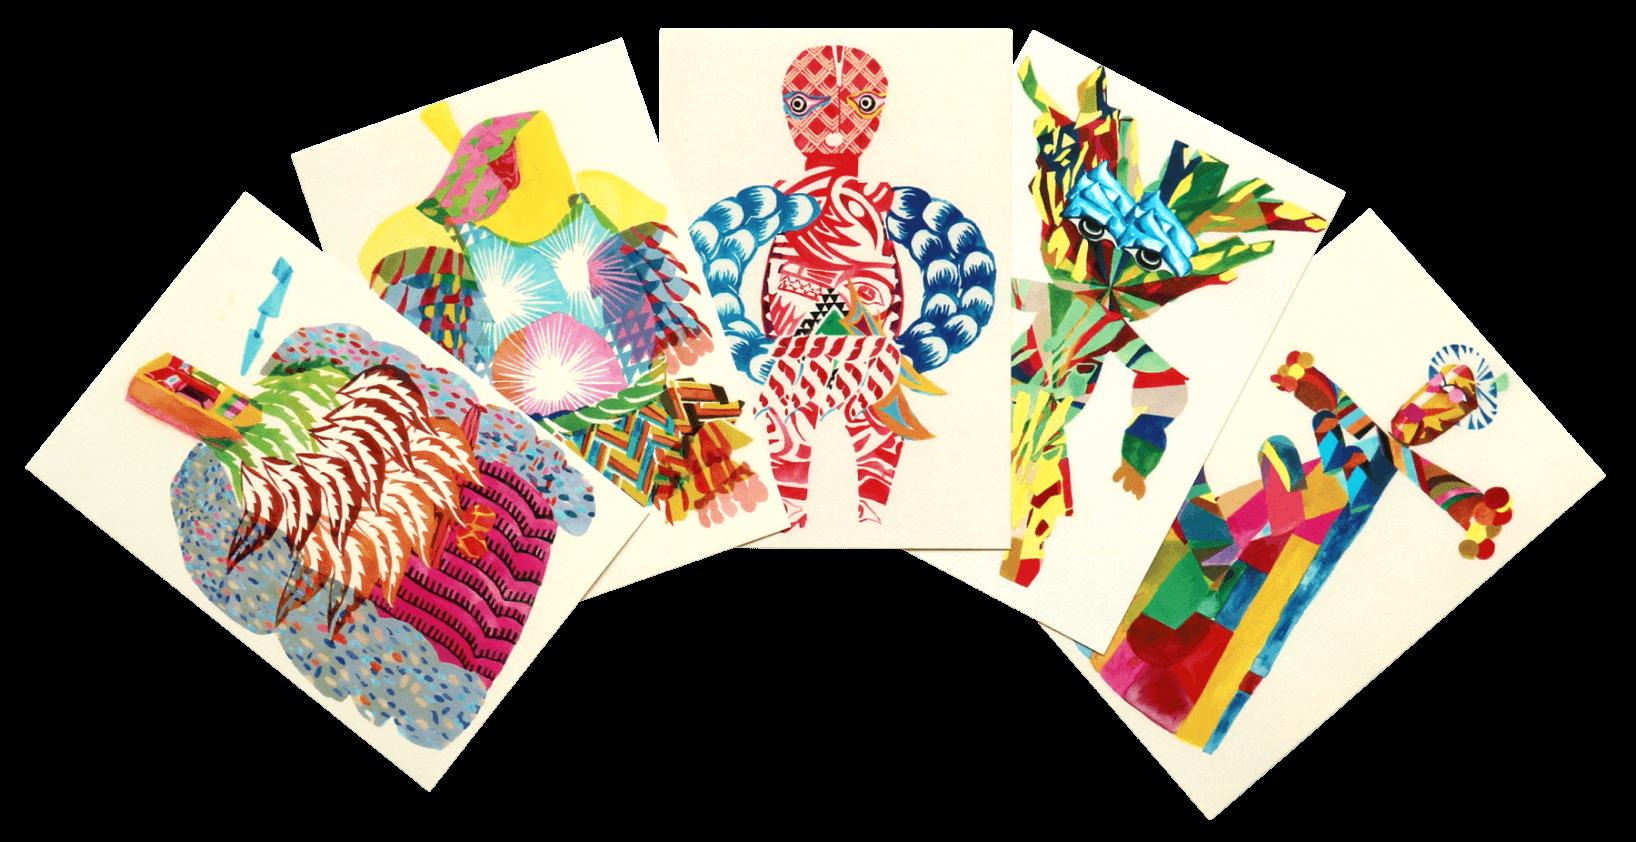 秋田人形道祖神ポストカード 商品画像